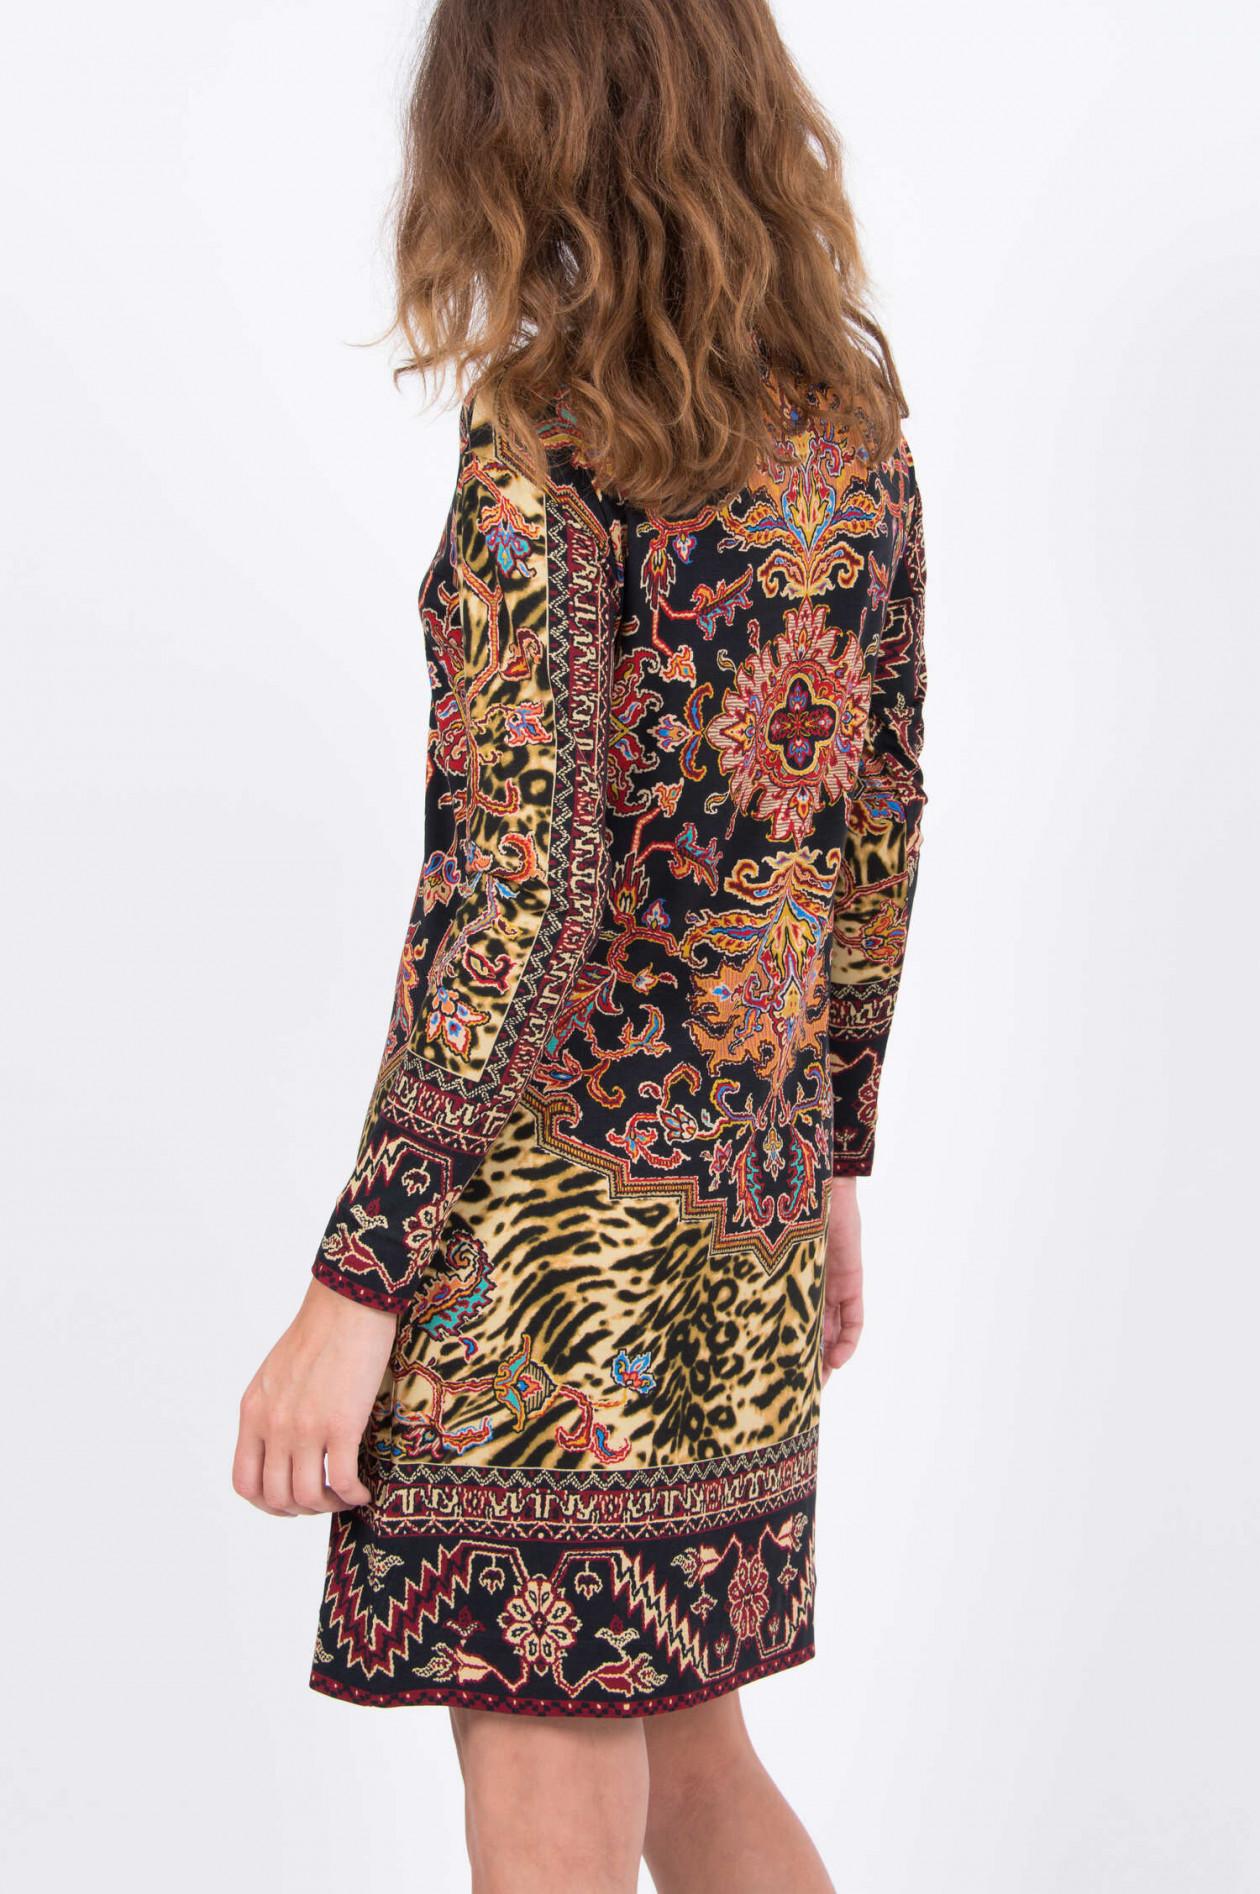 erstklassige Qualität gutes Angebot Spitzenstil Rollkragen-Kleid in Schwarz gemustert